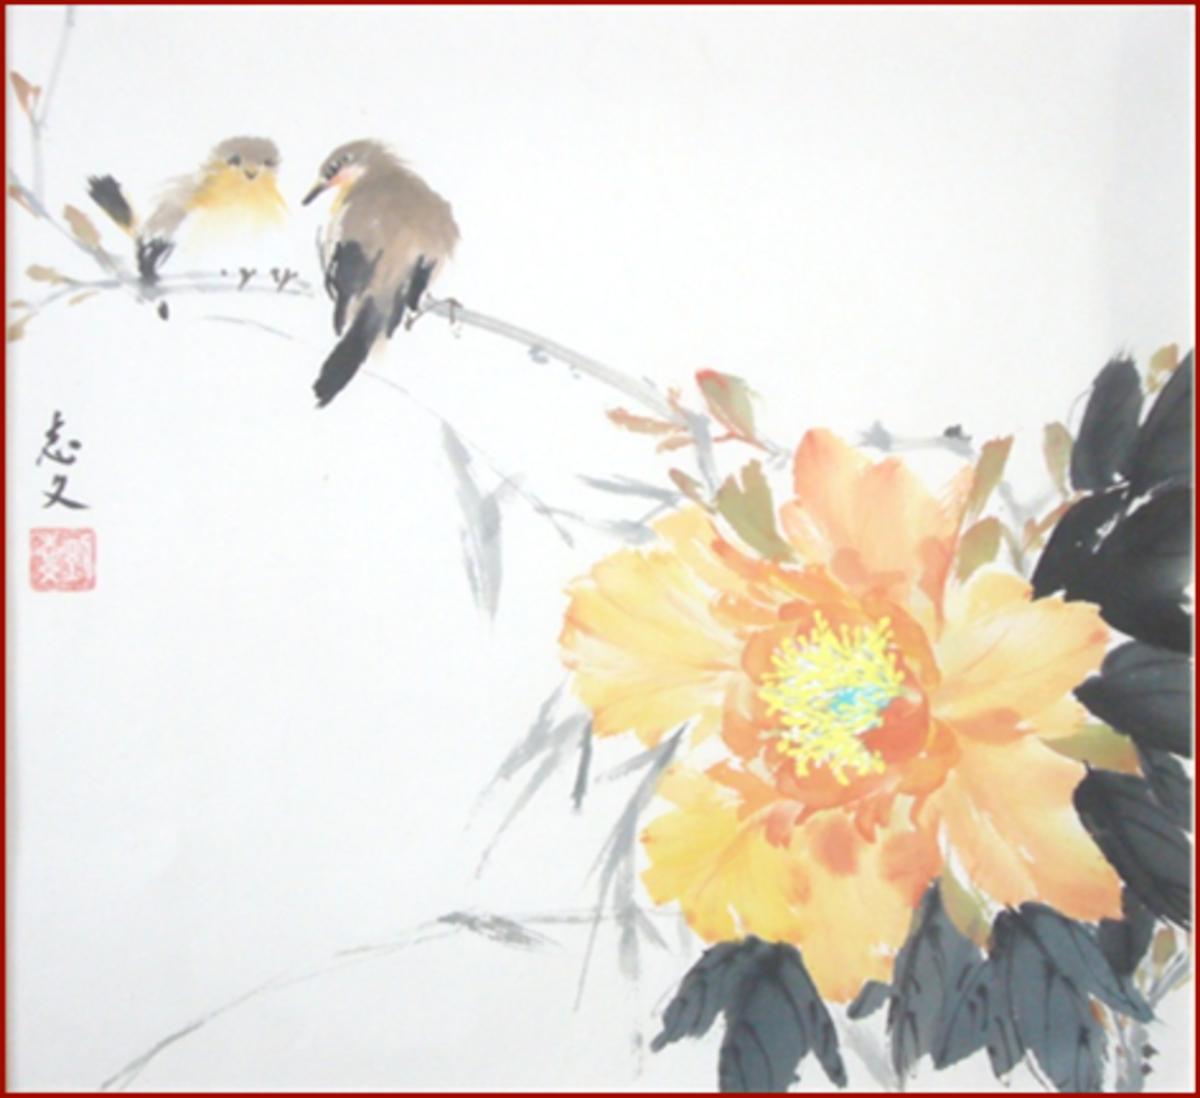 Artist: Jeannie Lau